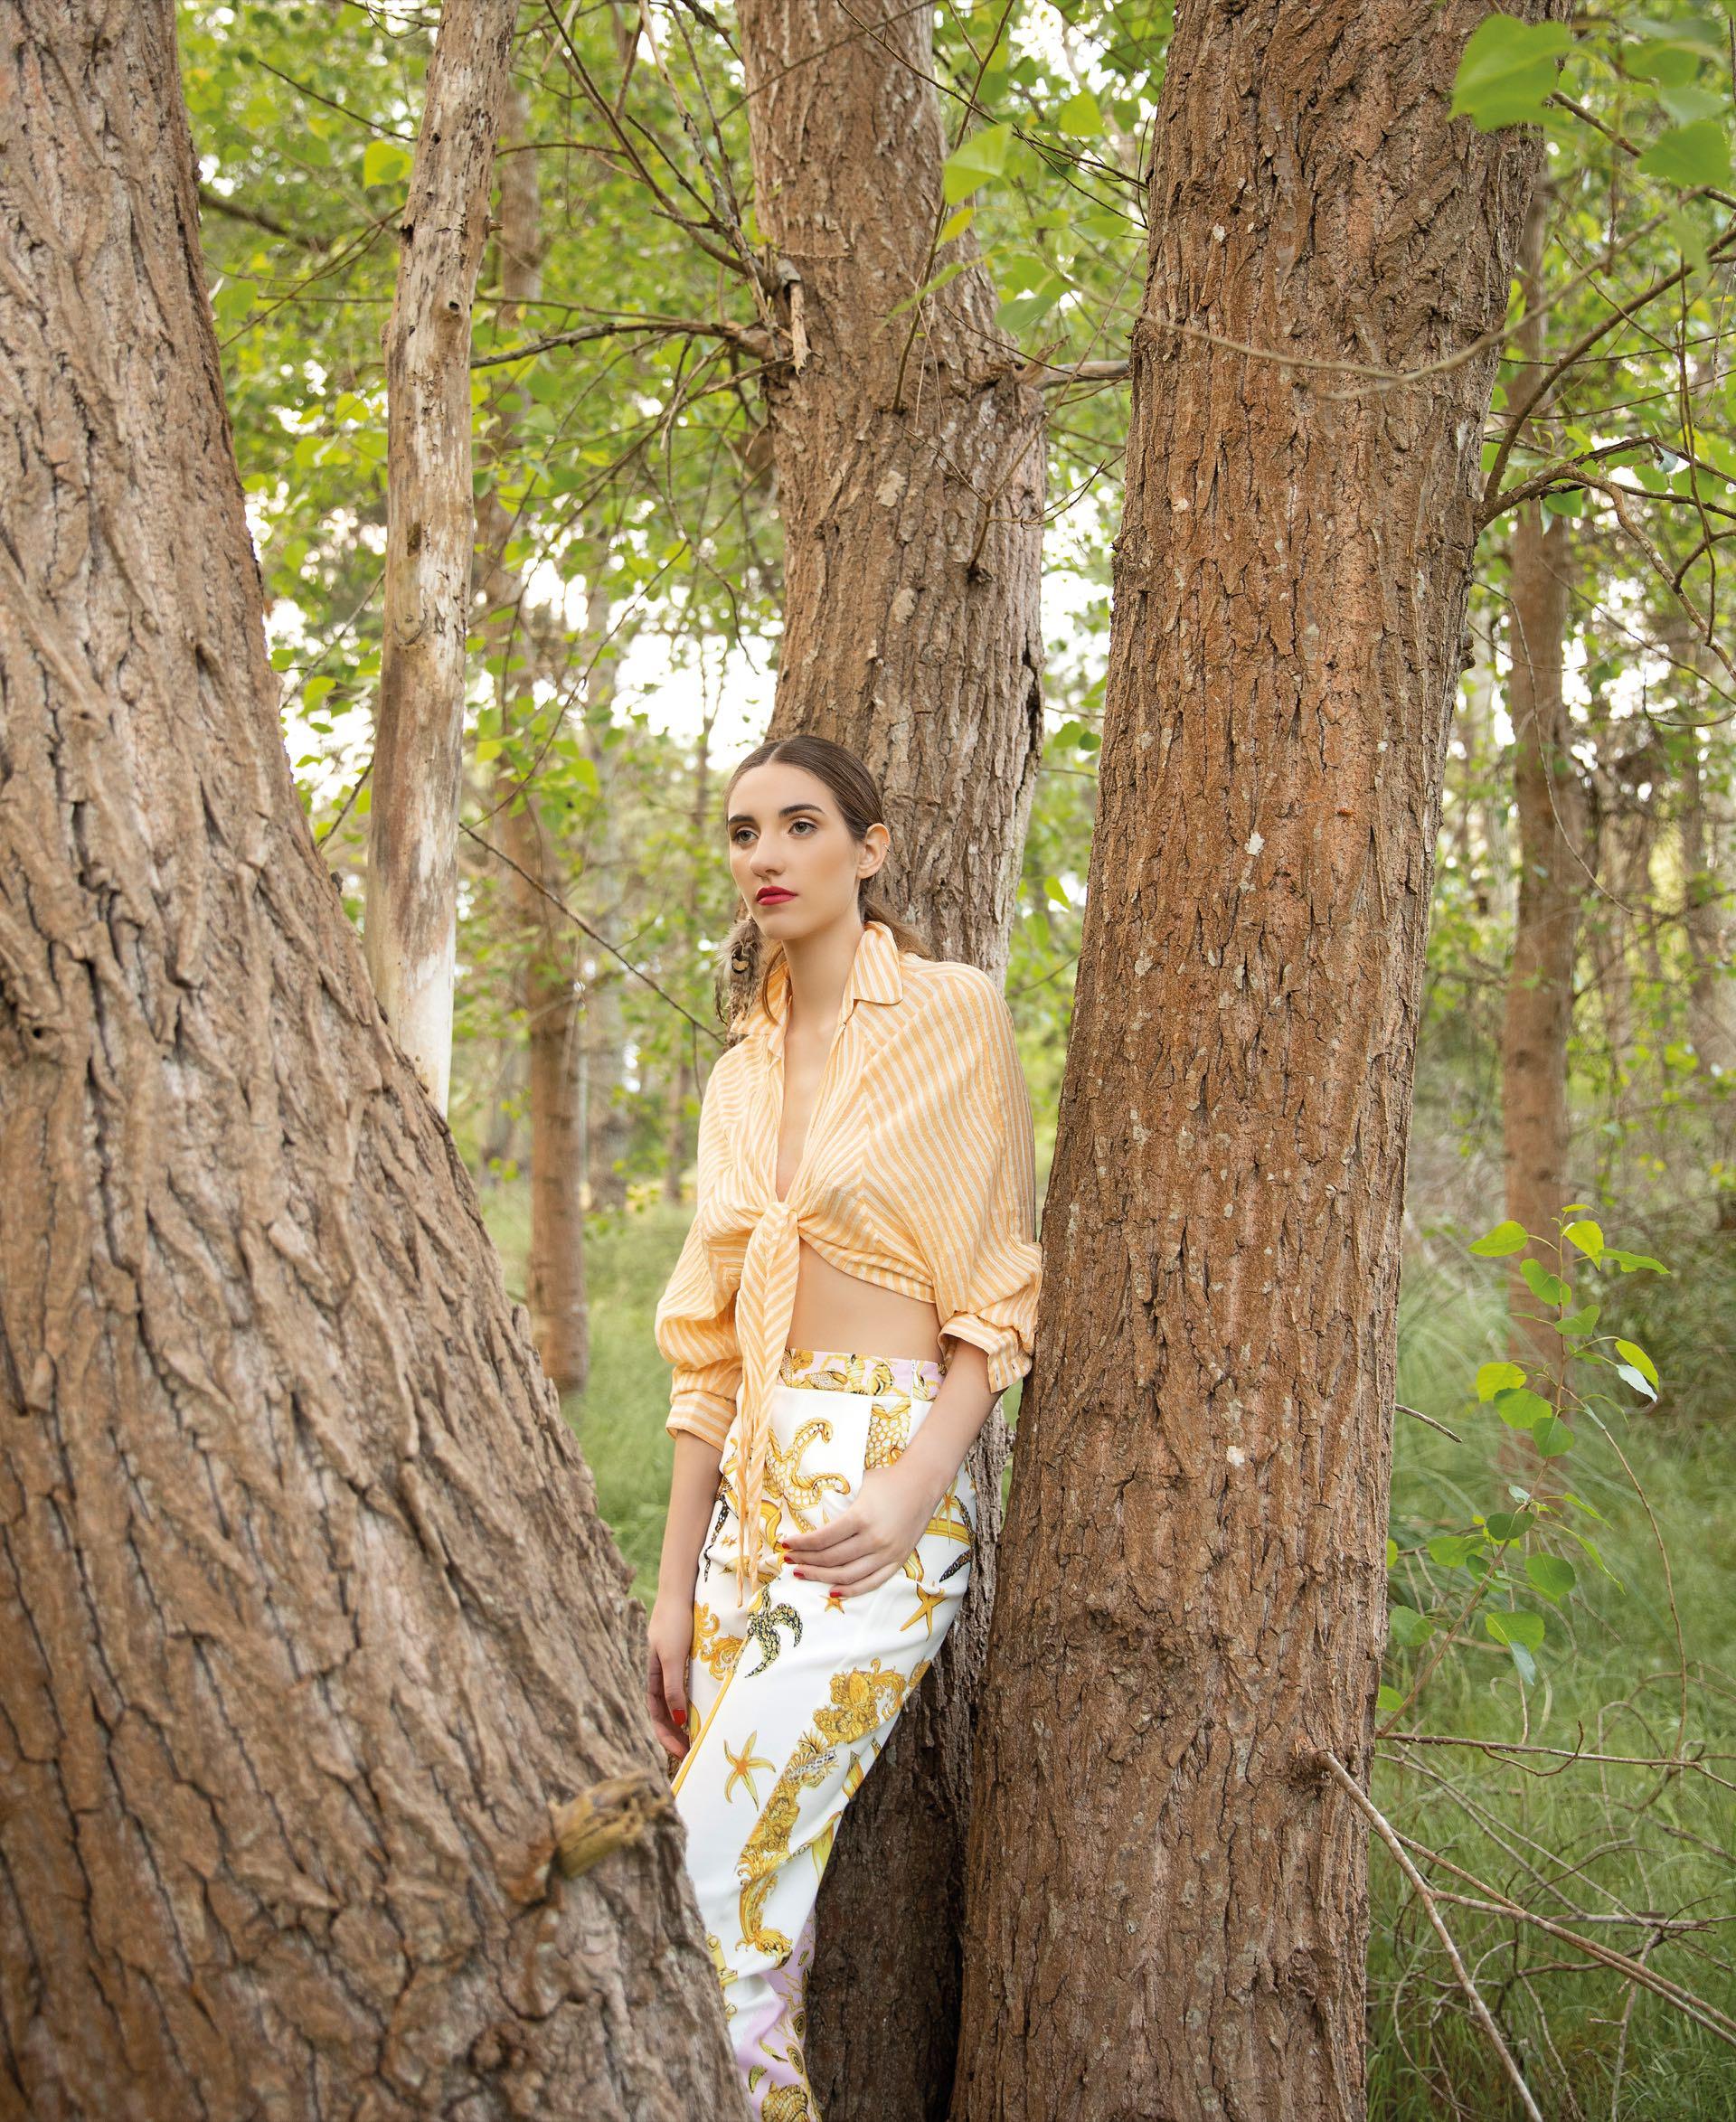 Camisa de algodón(Indiastyle), pantalón estampado ($ 4.980, Brava)y aros de pluma (el par,$ 2.700, Flâneur).